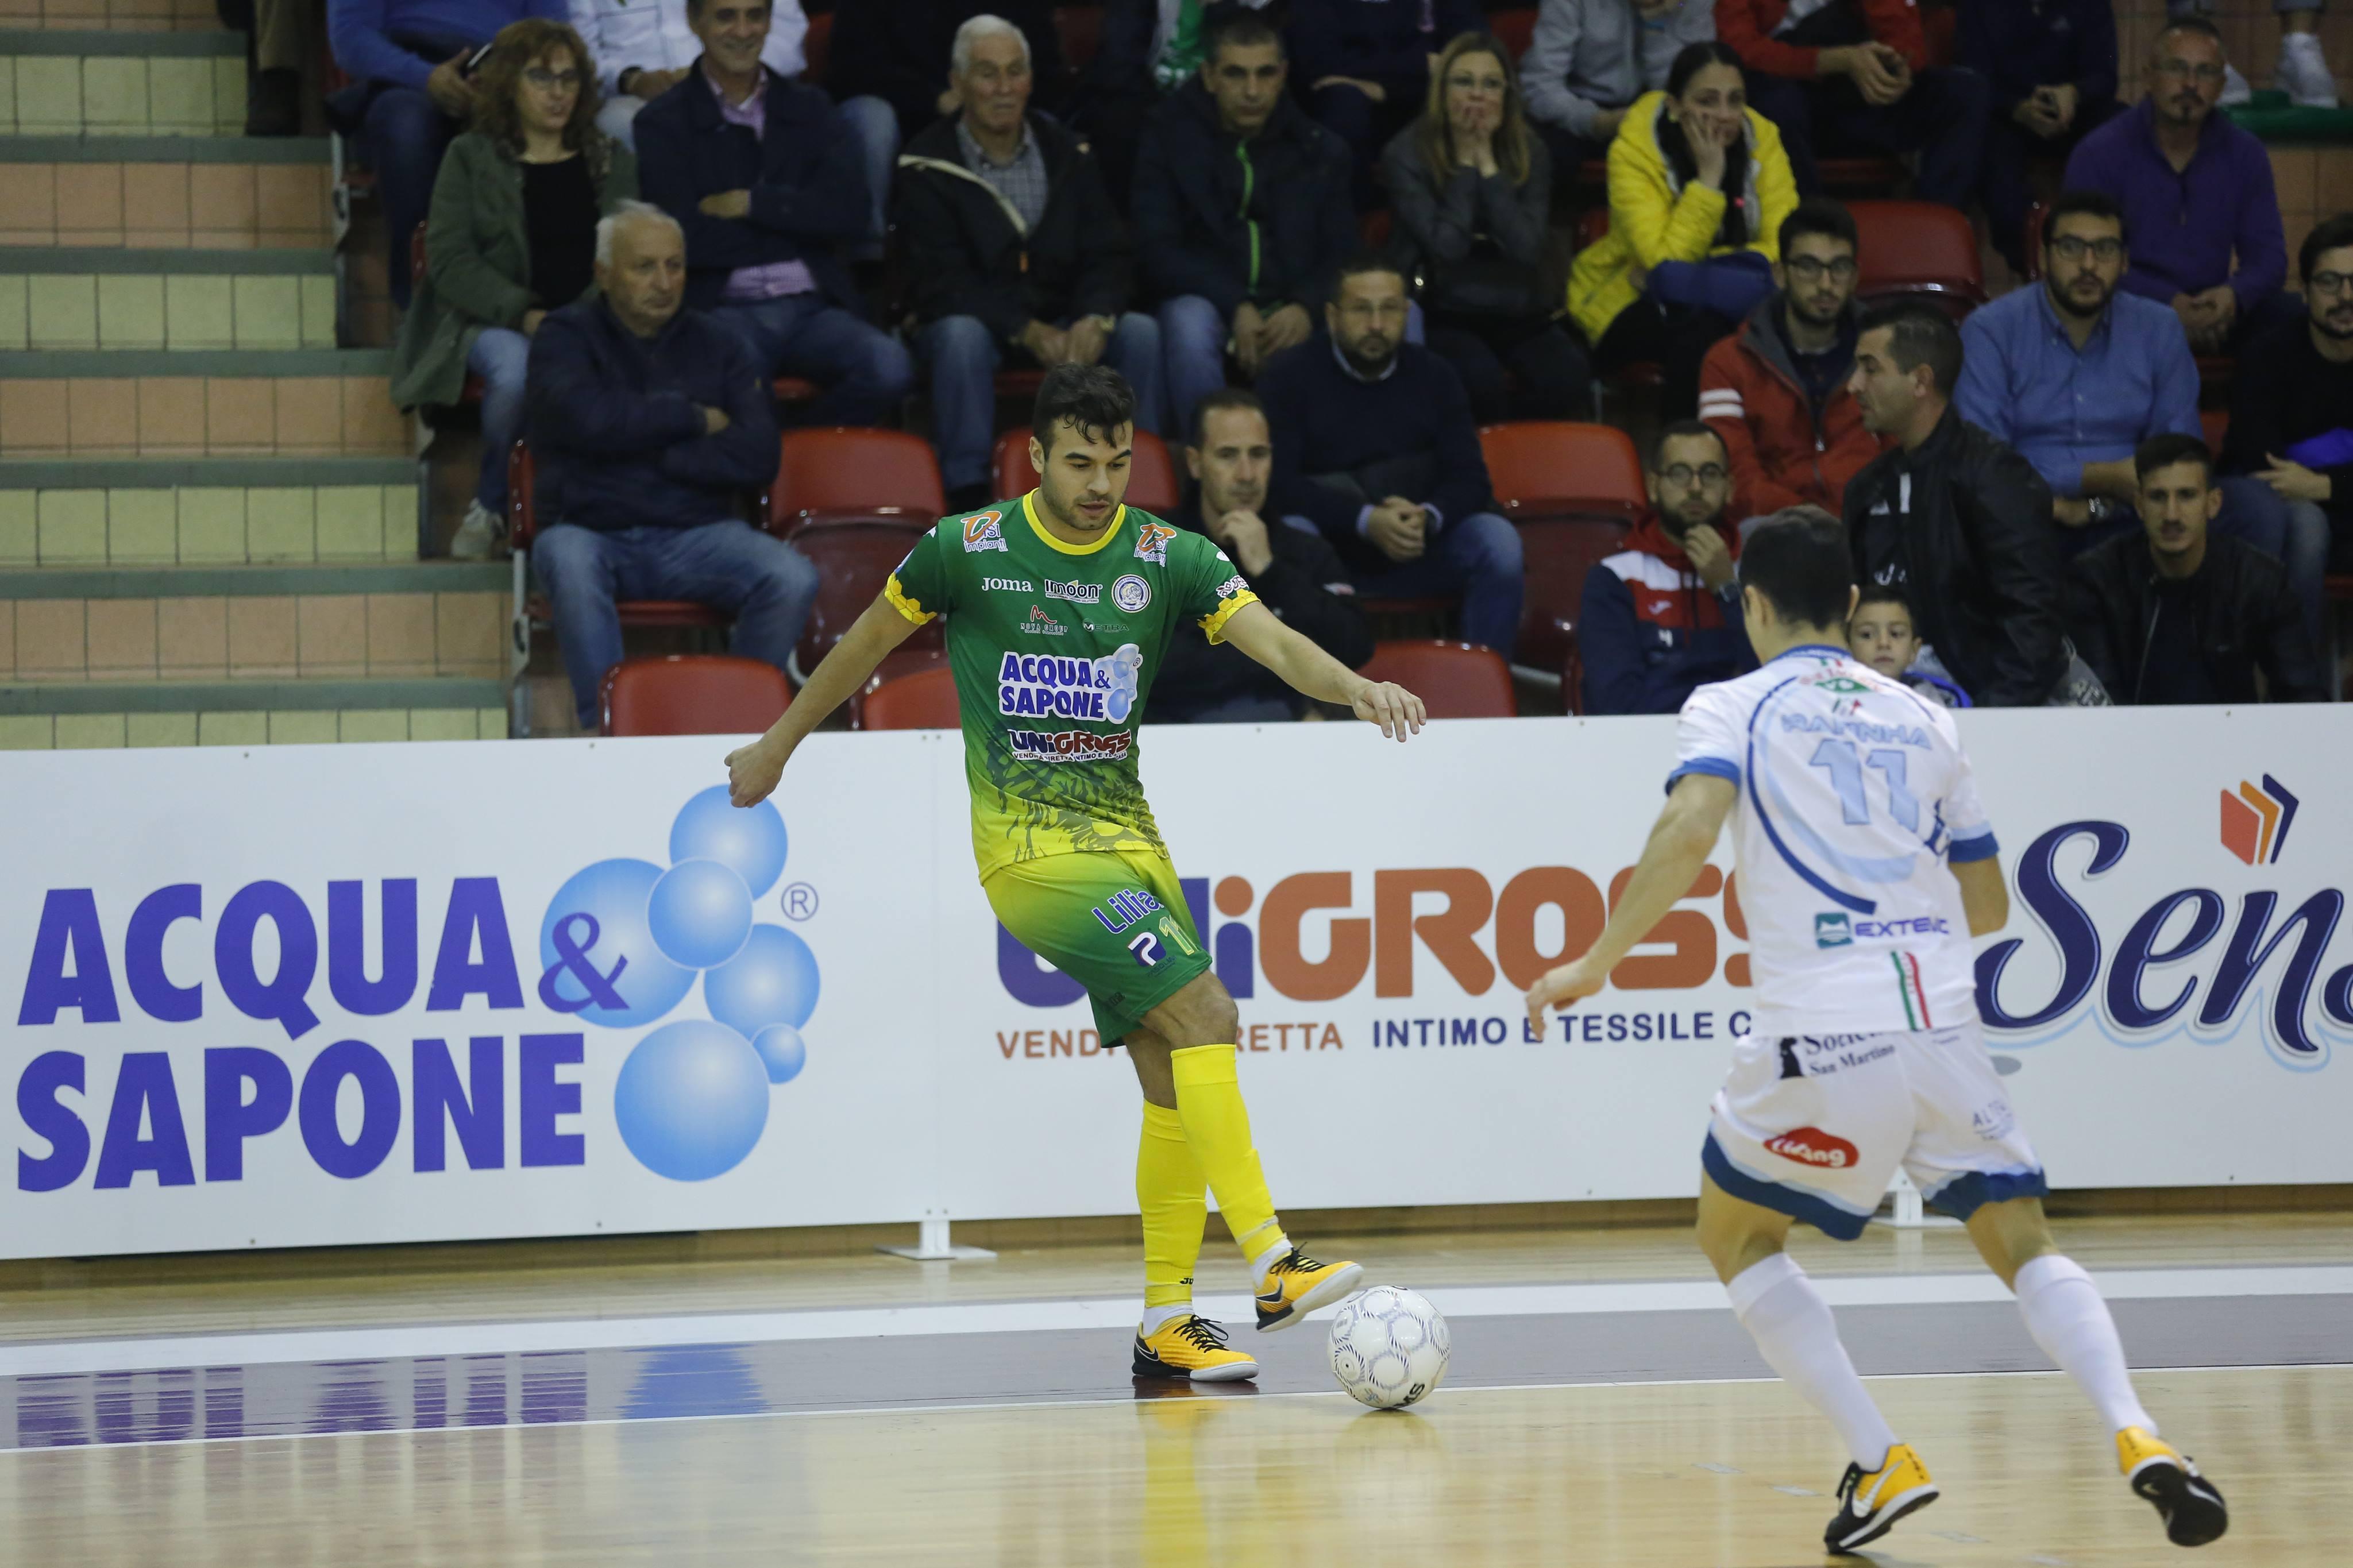 Calcio a 5. Contro Came Dosson ancora una sconfitta (4-3) per l'Acqua&Sapone